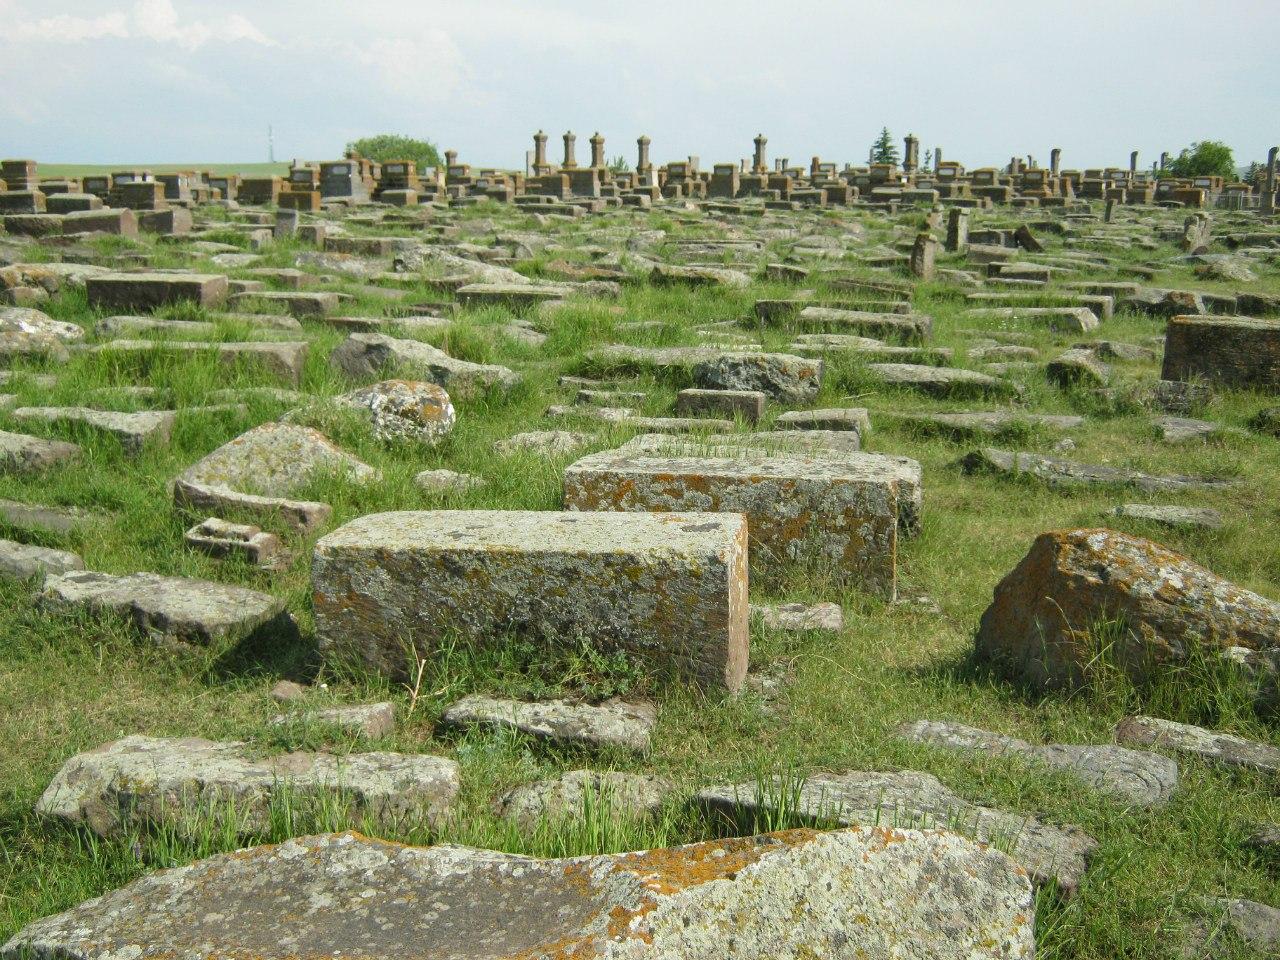 Древние хачкары (и надгробья поновее) на кладбище Норатус